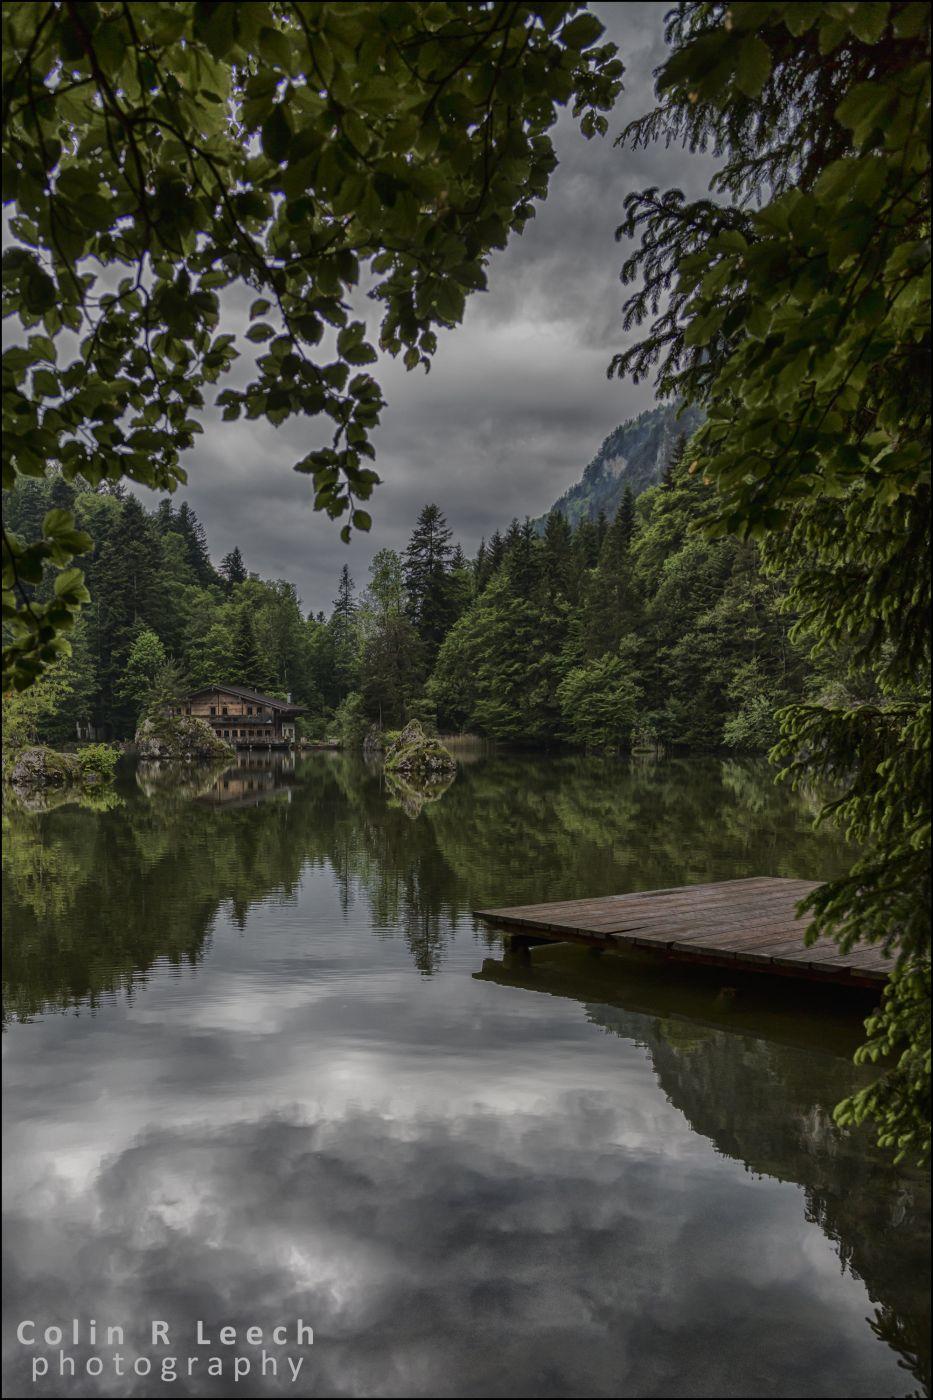 Berglsteiner See, Austria